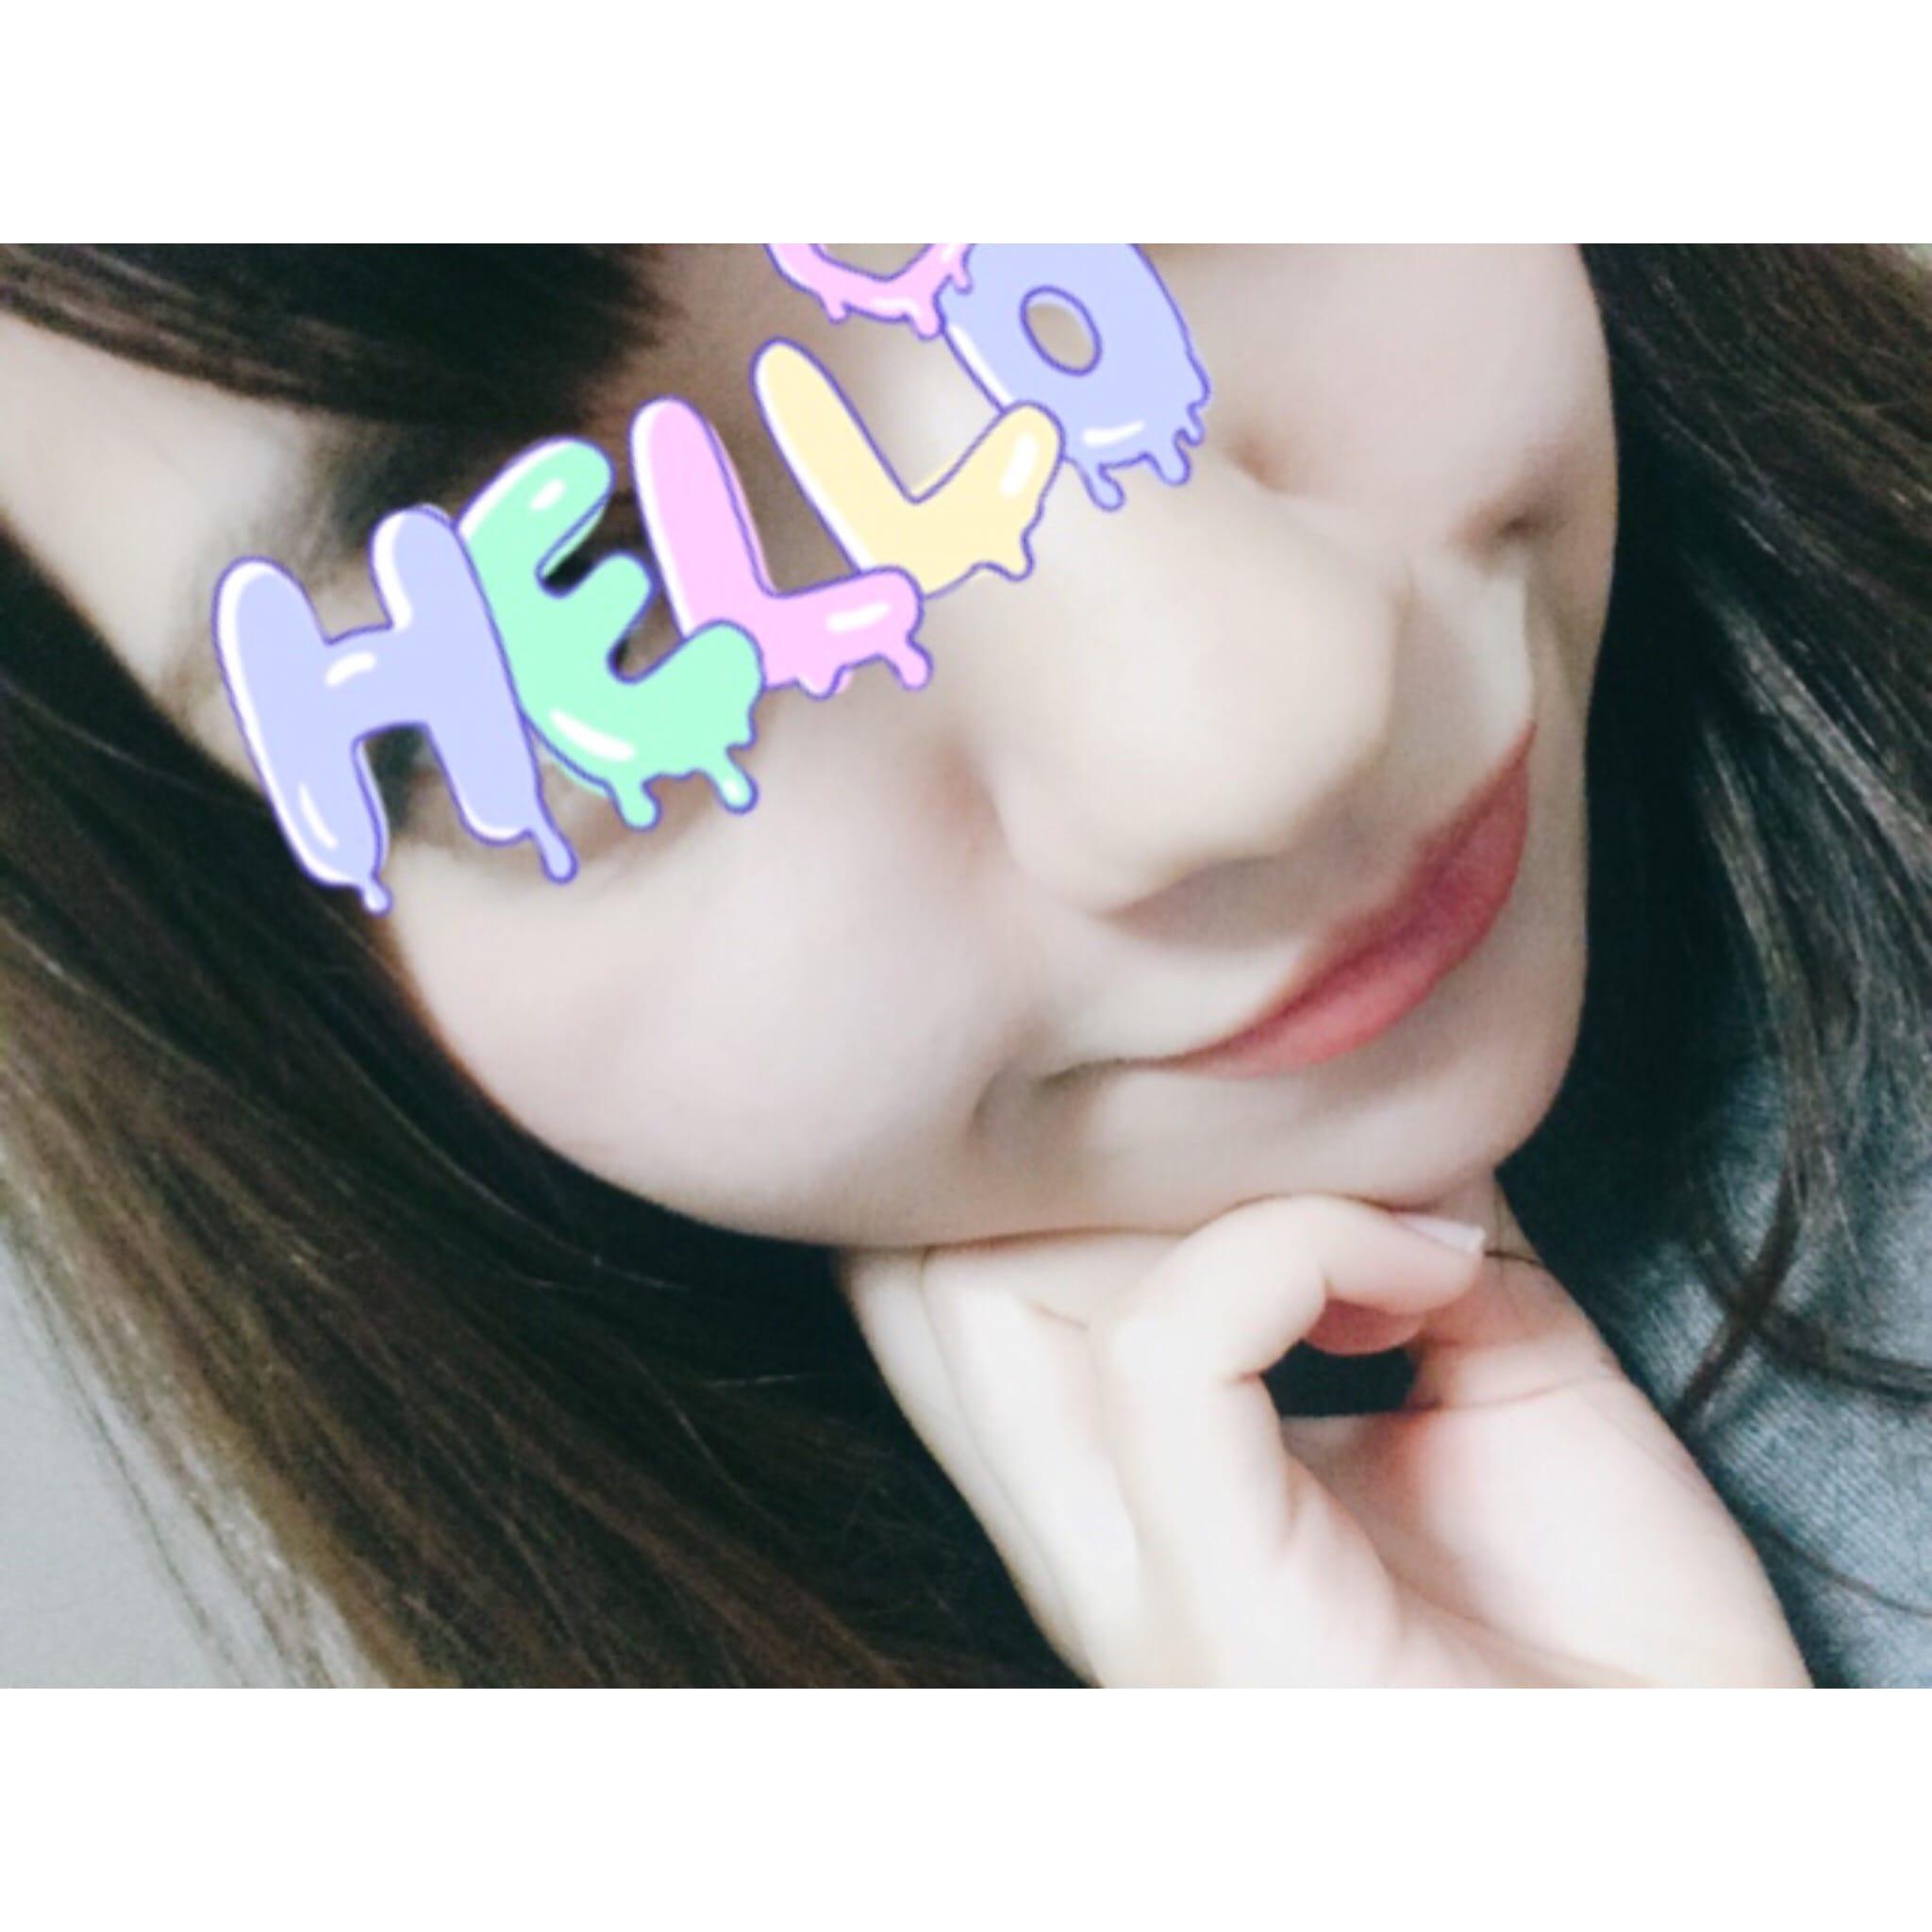 「写メ日記始めました…!!」10/21(10/21) 14:41 | 神崎レイナの写メ・風俗動画